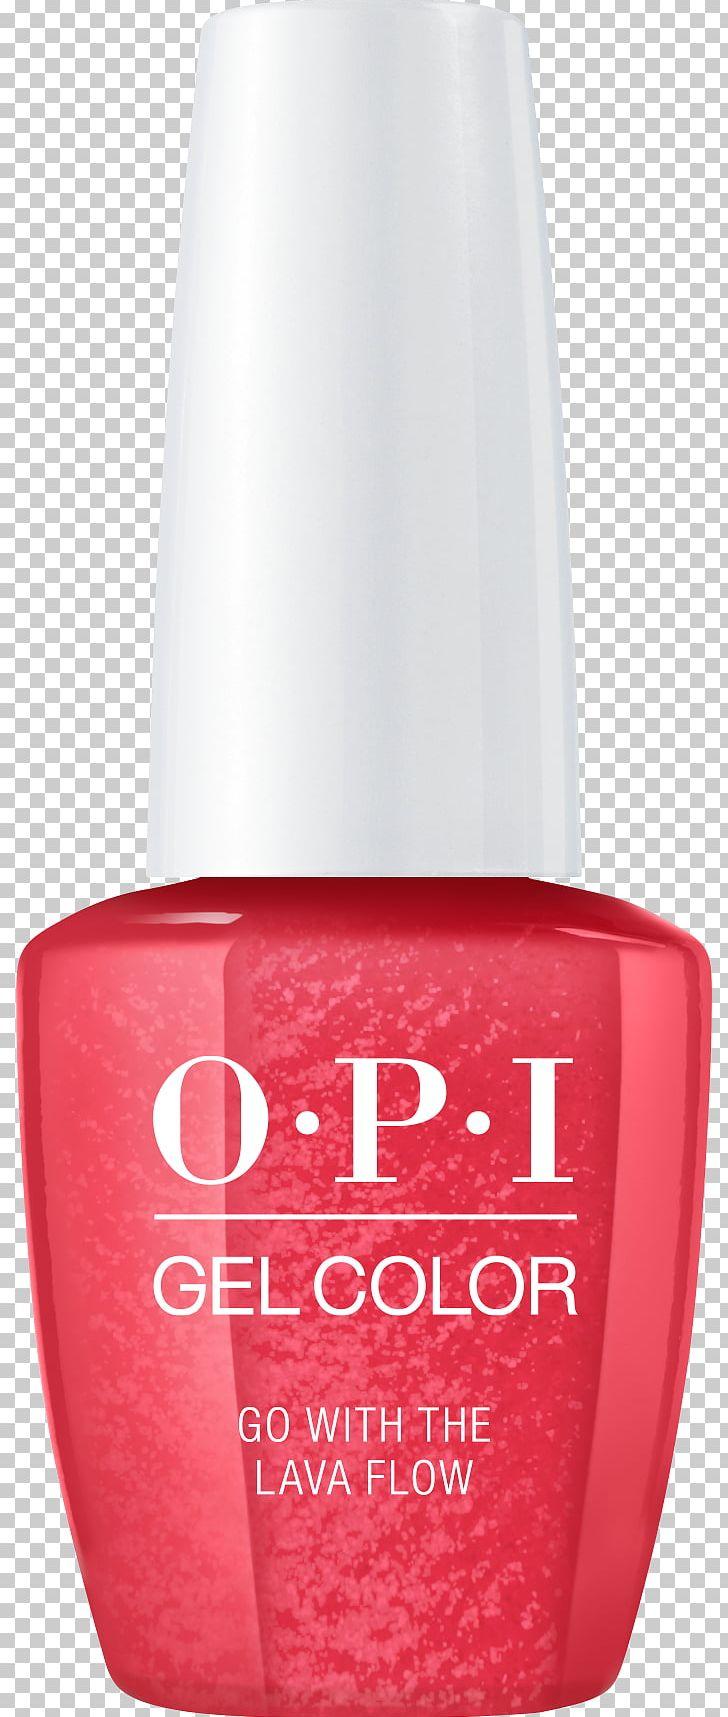 Nail Polish Opi Products Gel Nails Opi Nail Lacquer Png